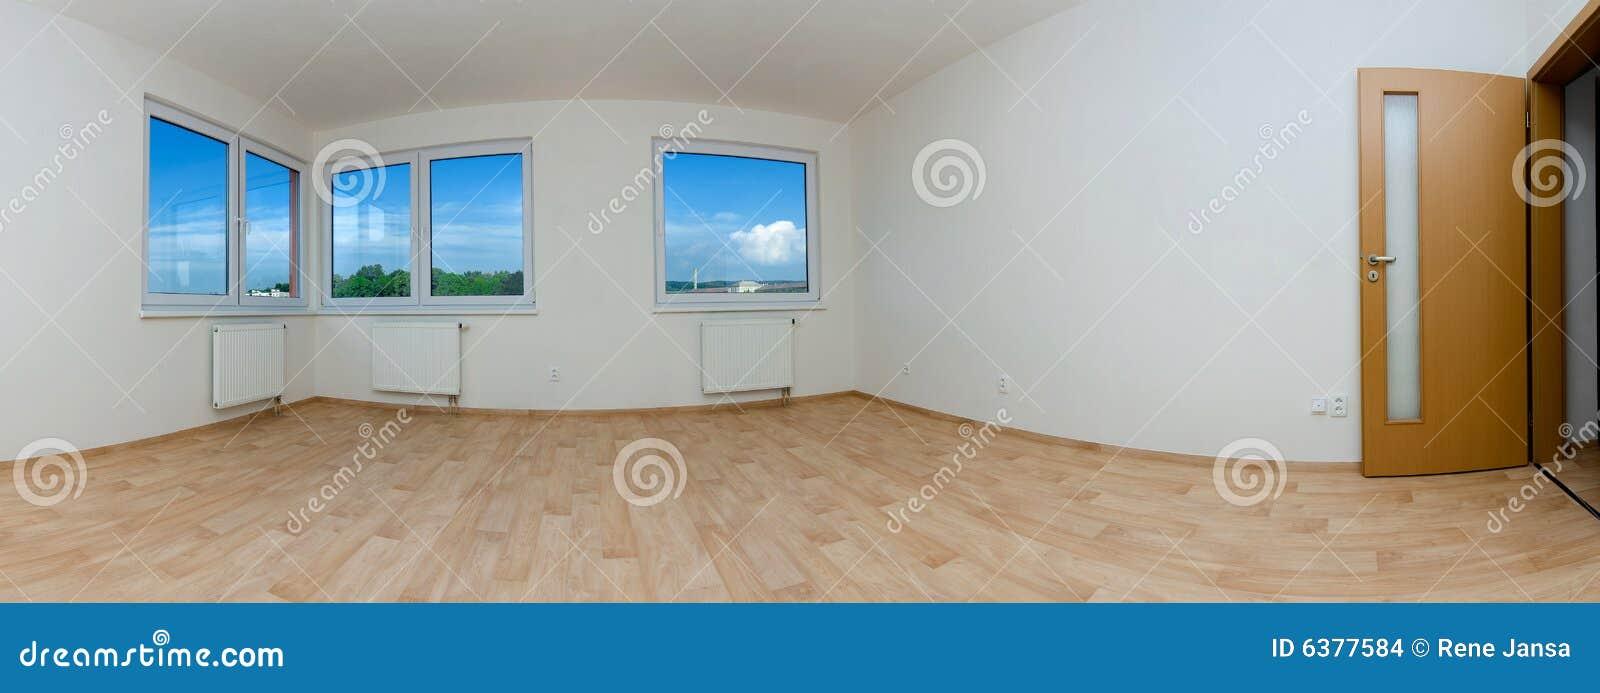 bella stanza vuota immagini stock immagine 6377584